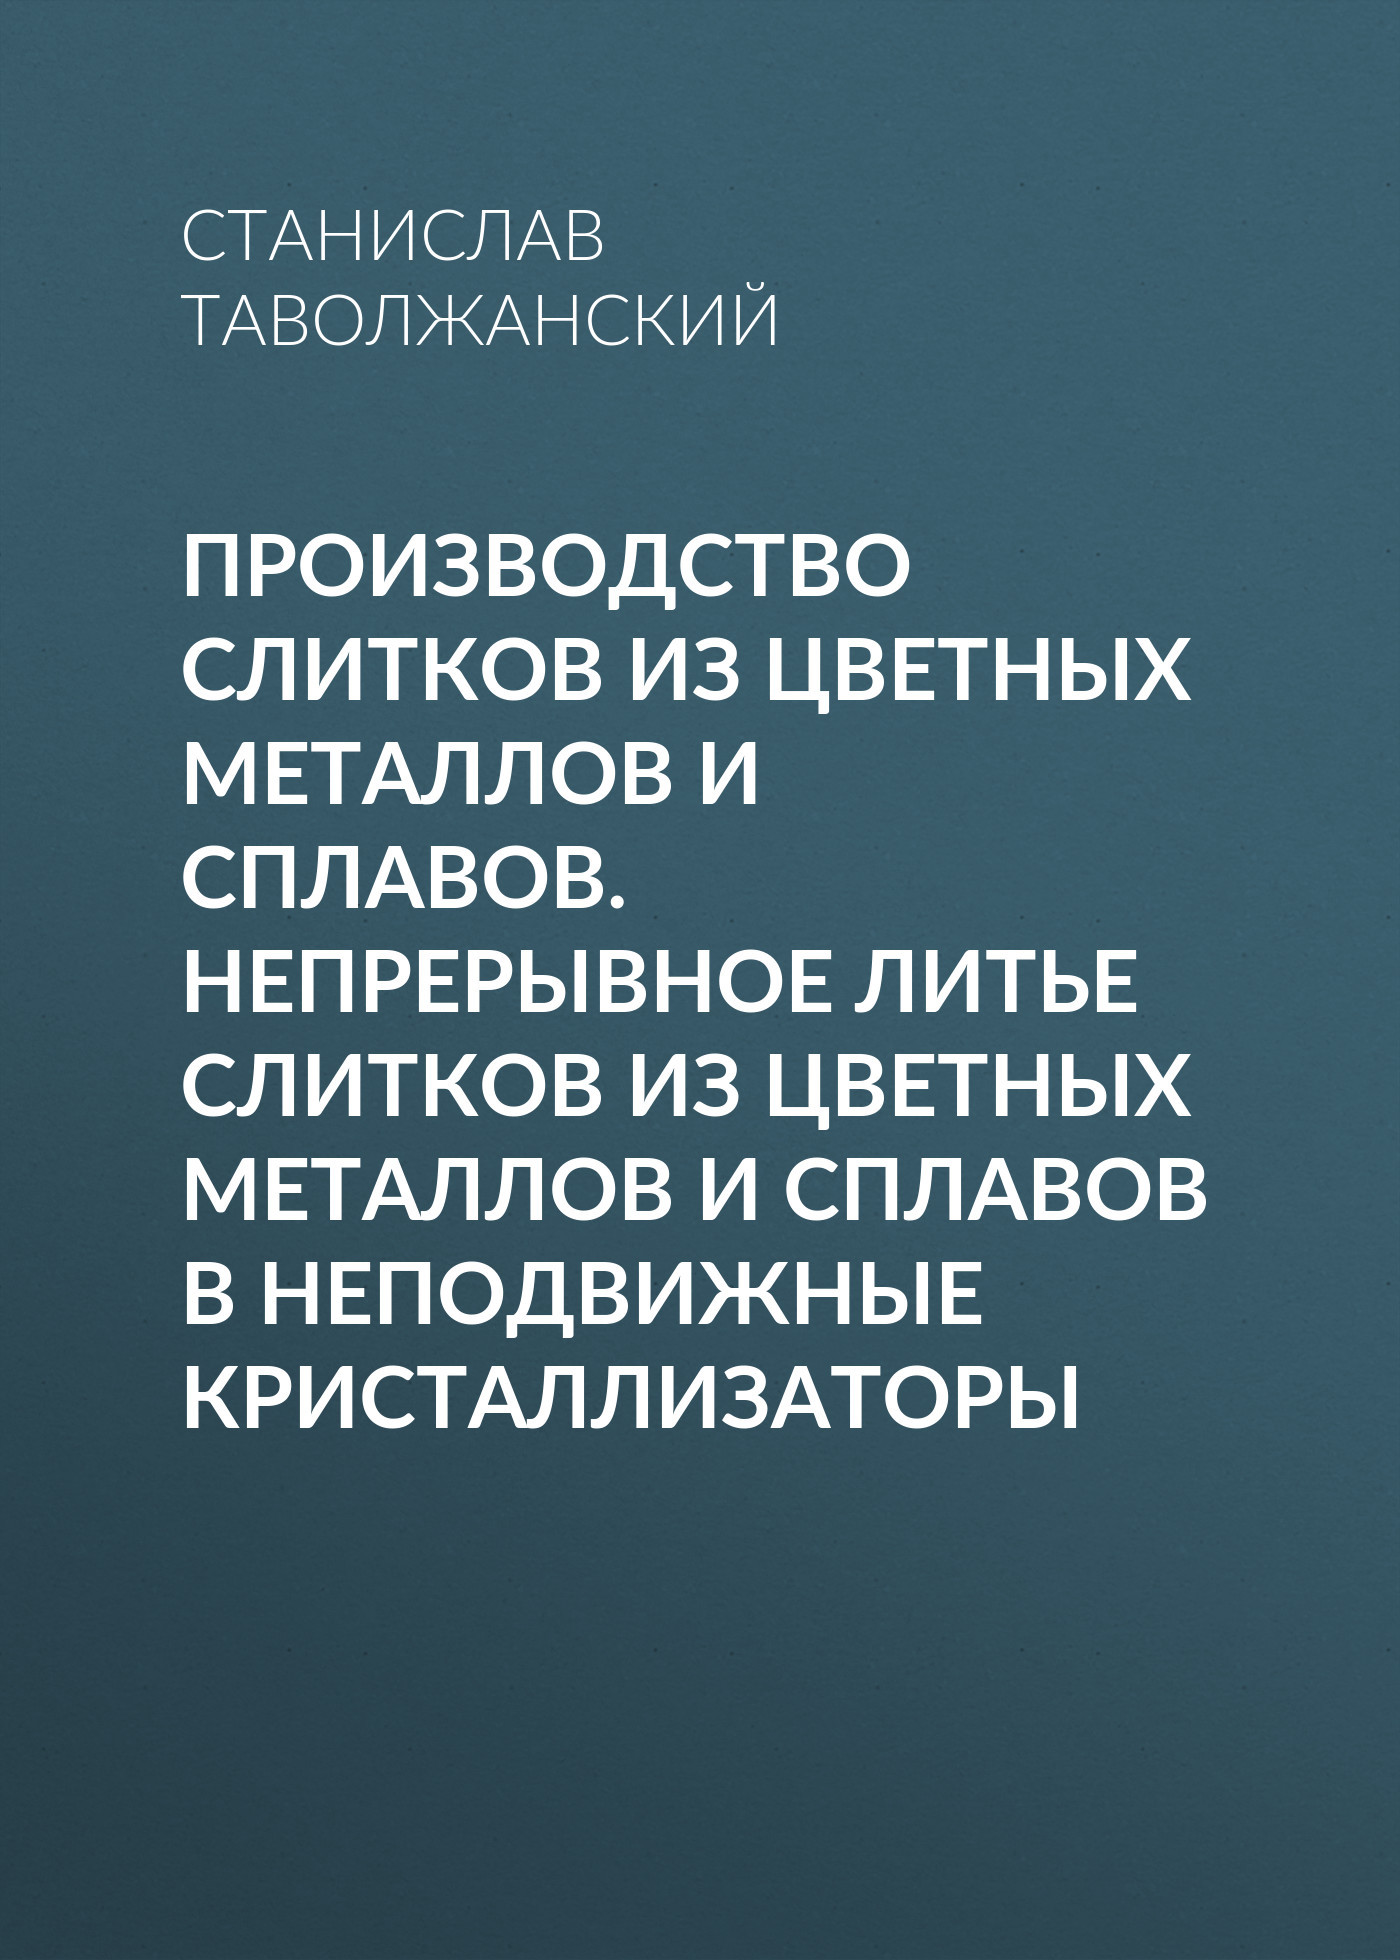 Станислав Таволжанский Производство слитков из цветных металлов и сплавов. Непрерывное литье слитков из цветных металлов и сплавов в неподвижные кристаллизаторы